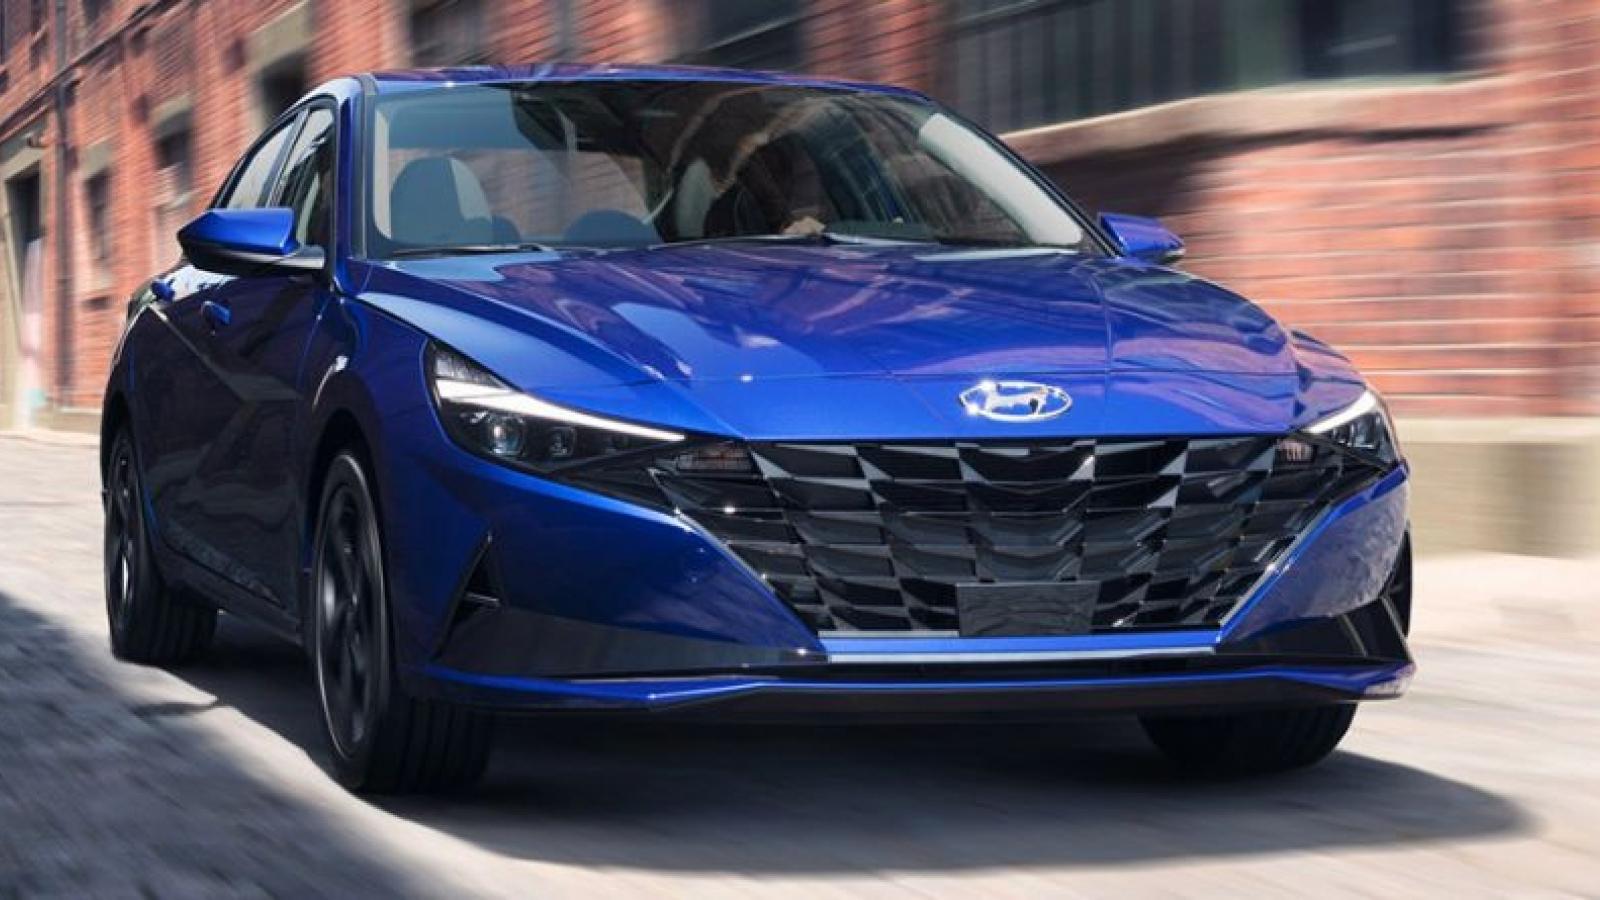 Mở đơn đặt hàng cho chiếc Hyundai Elantra 2021 tại Malaysia